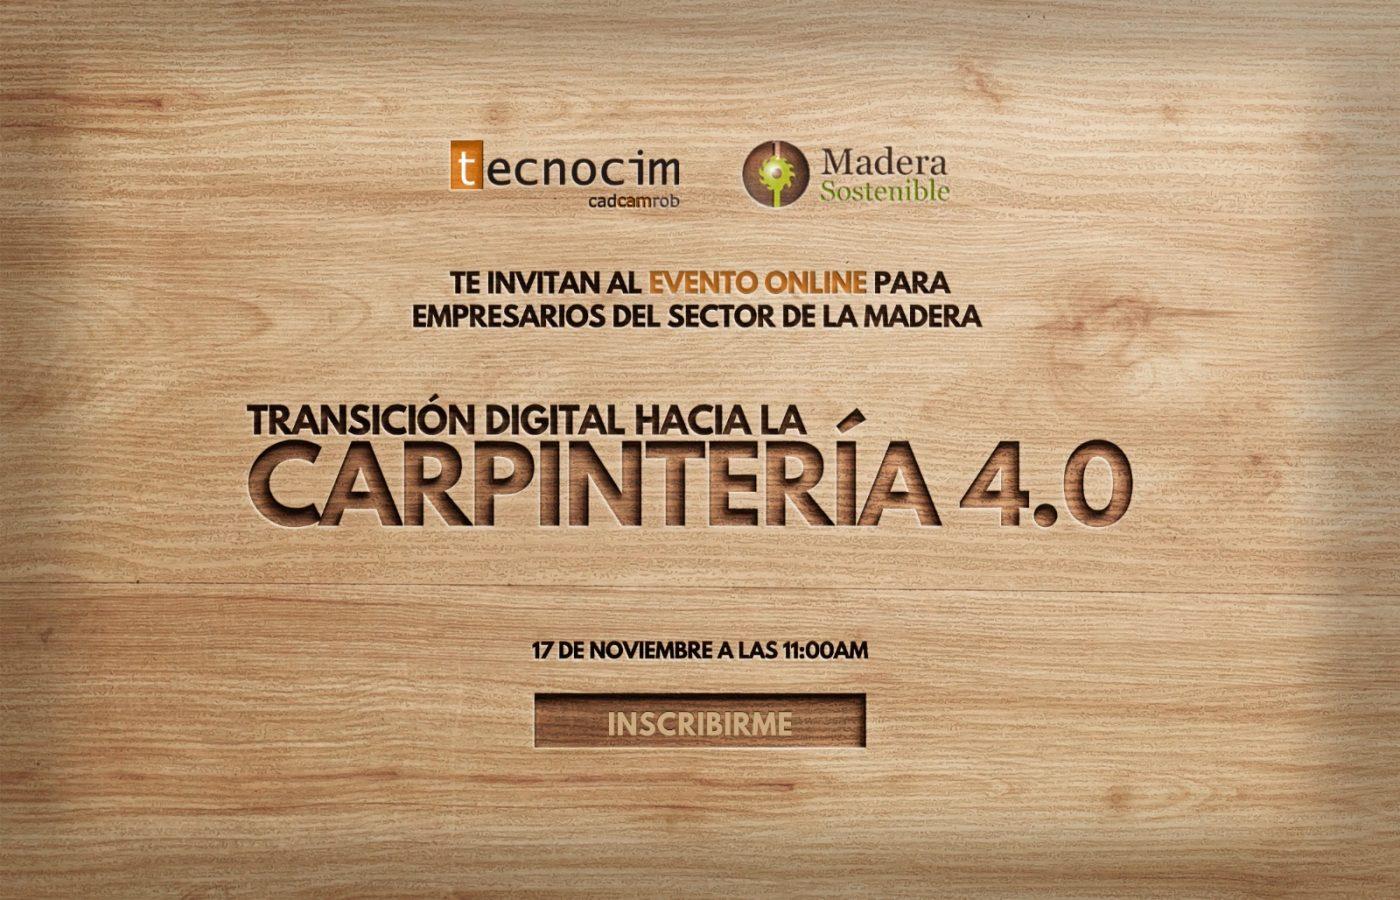 Evento online: Transición digital hacia la CARPINTERIA 4.0